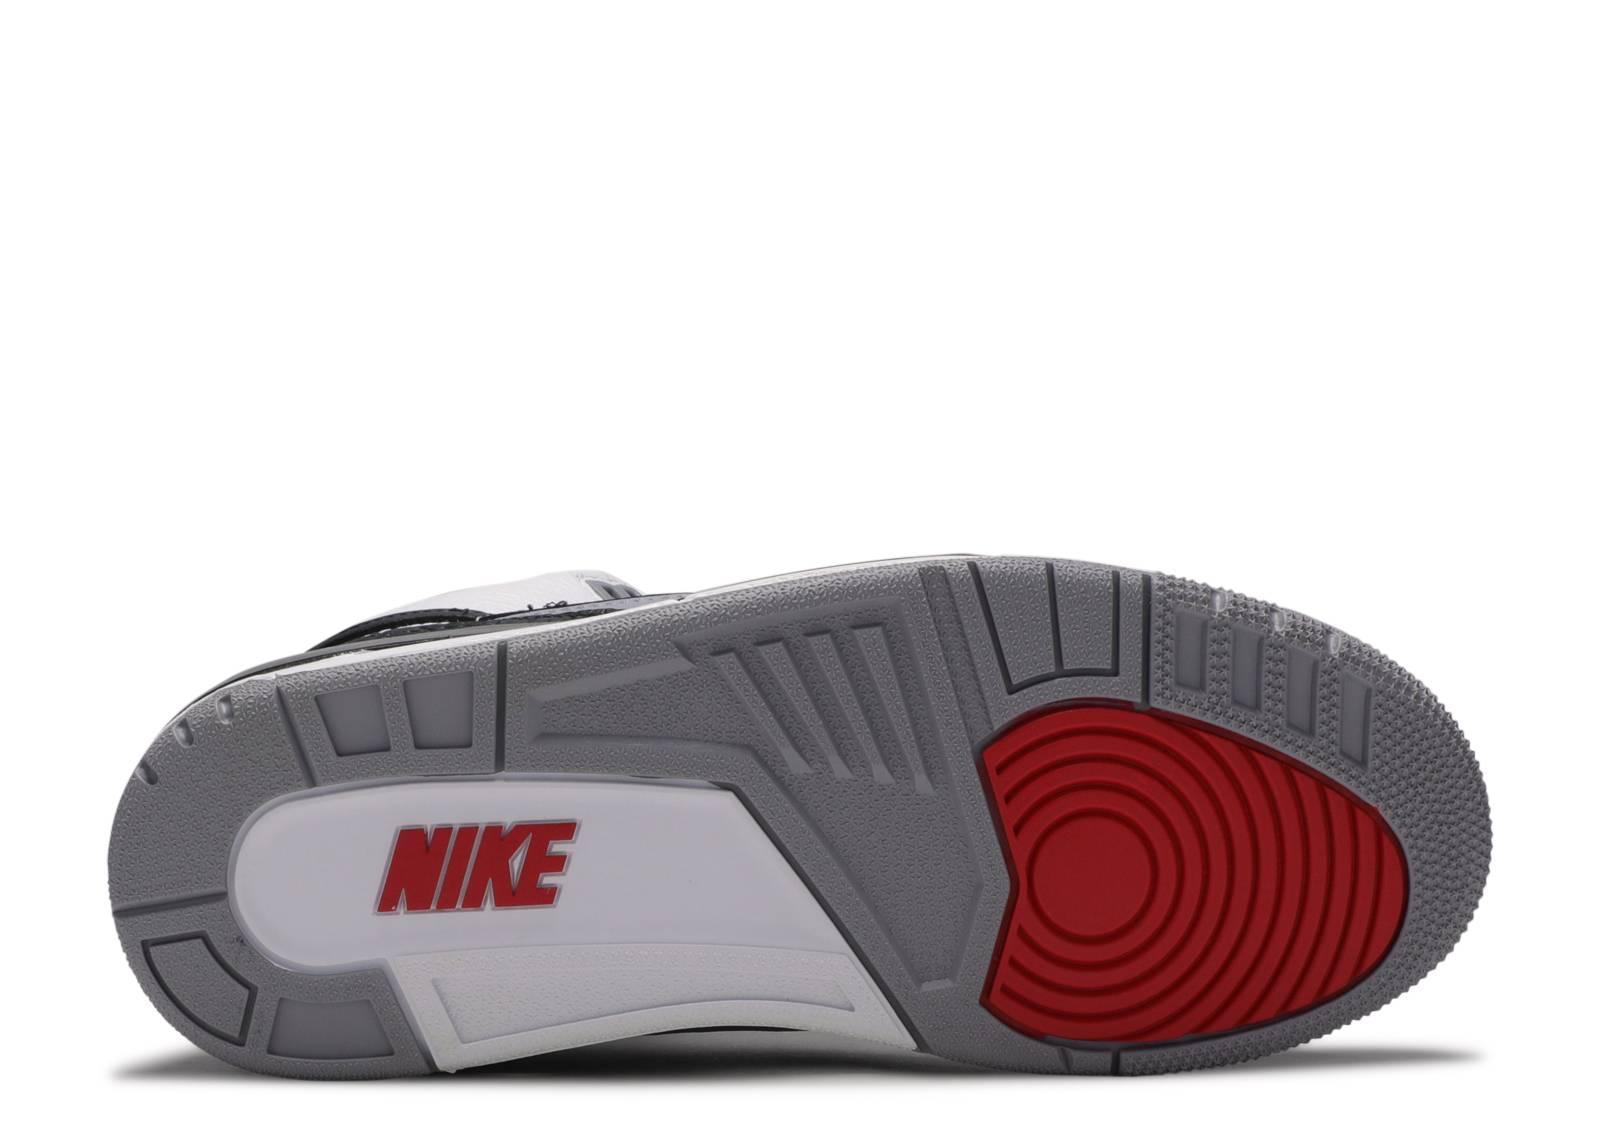 bf61e3c55f5ce9 Air Jordan 3 Retro Nrg